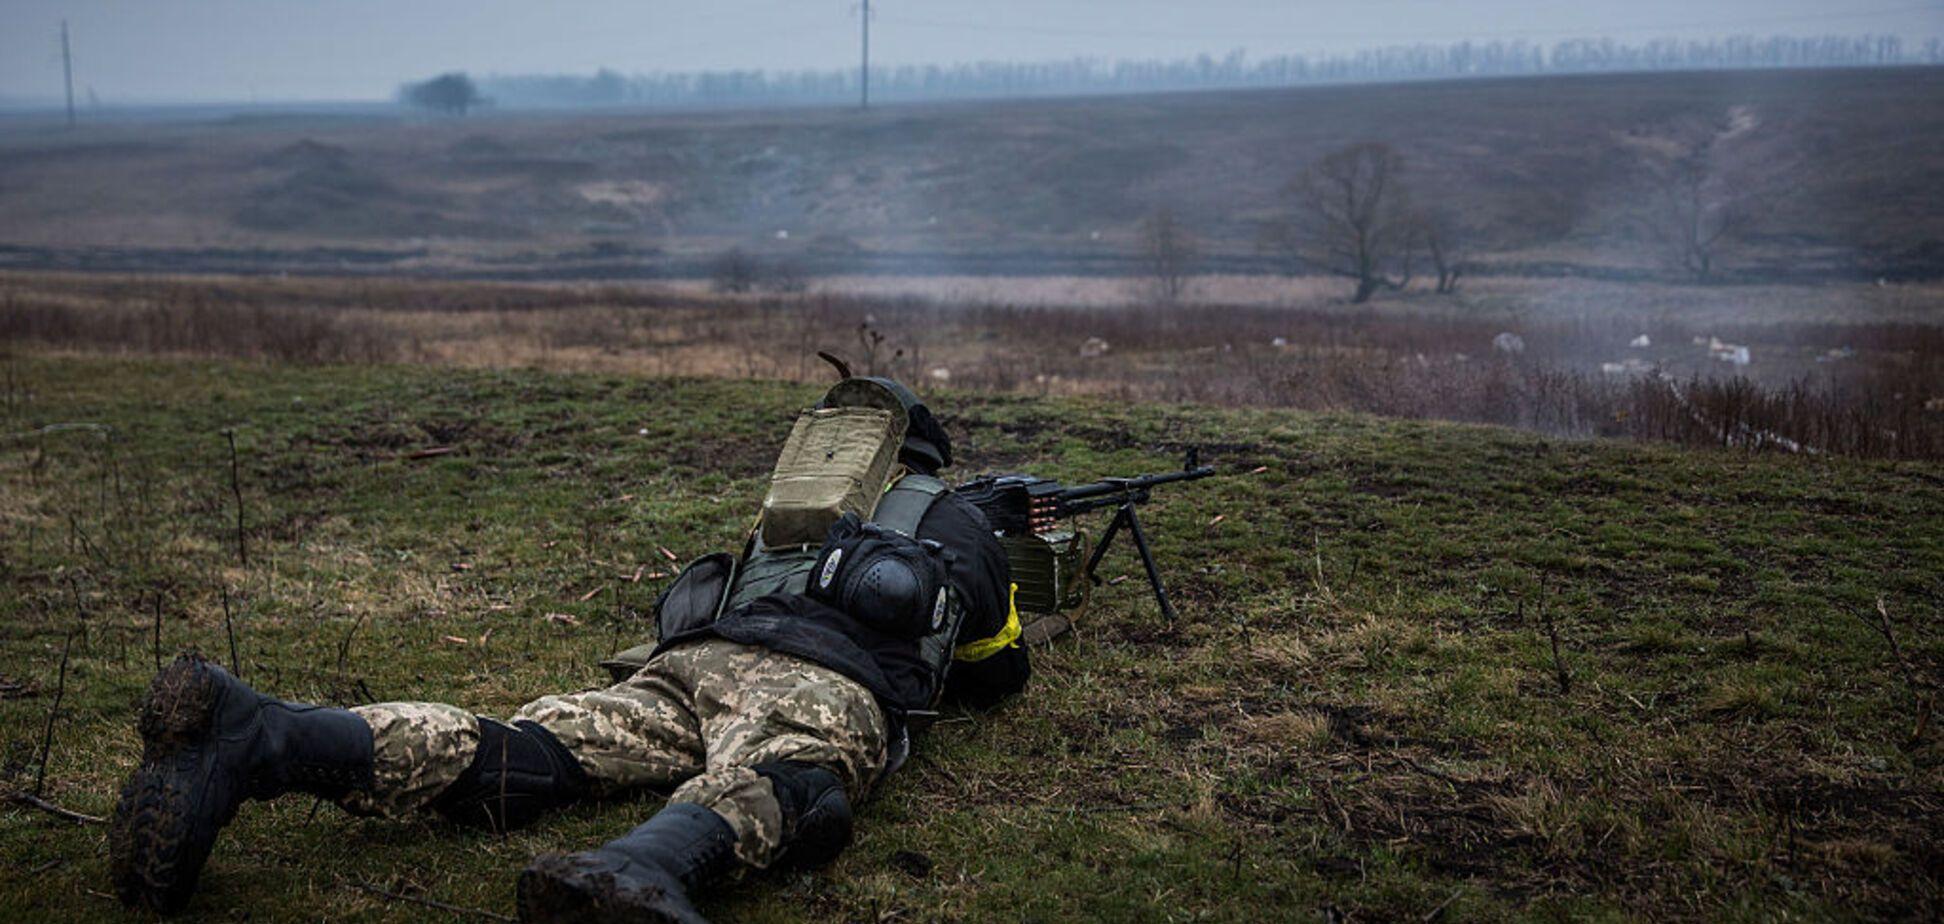 Не удержались: стало известно о подлой выходке россиян на Донбассе